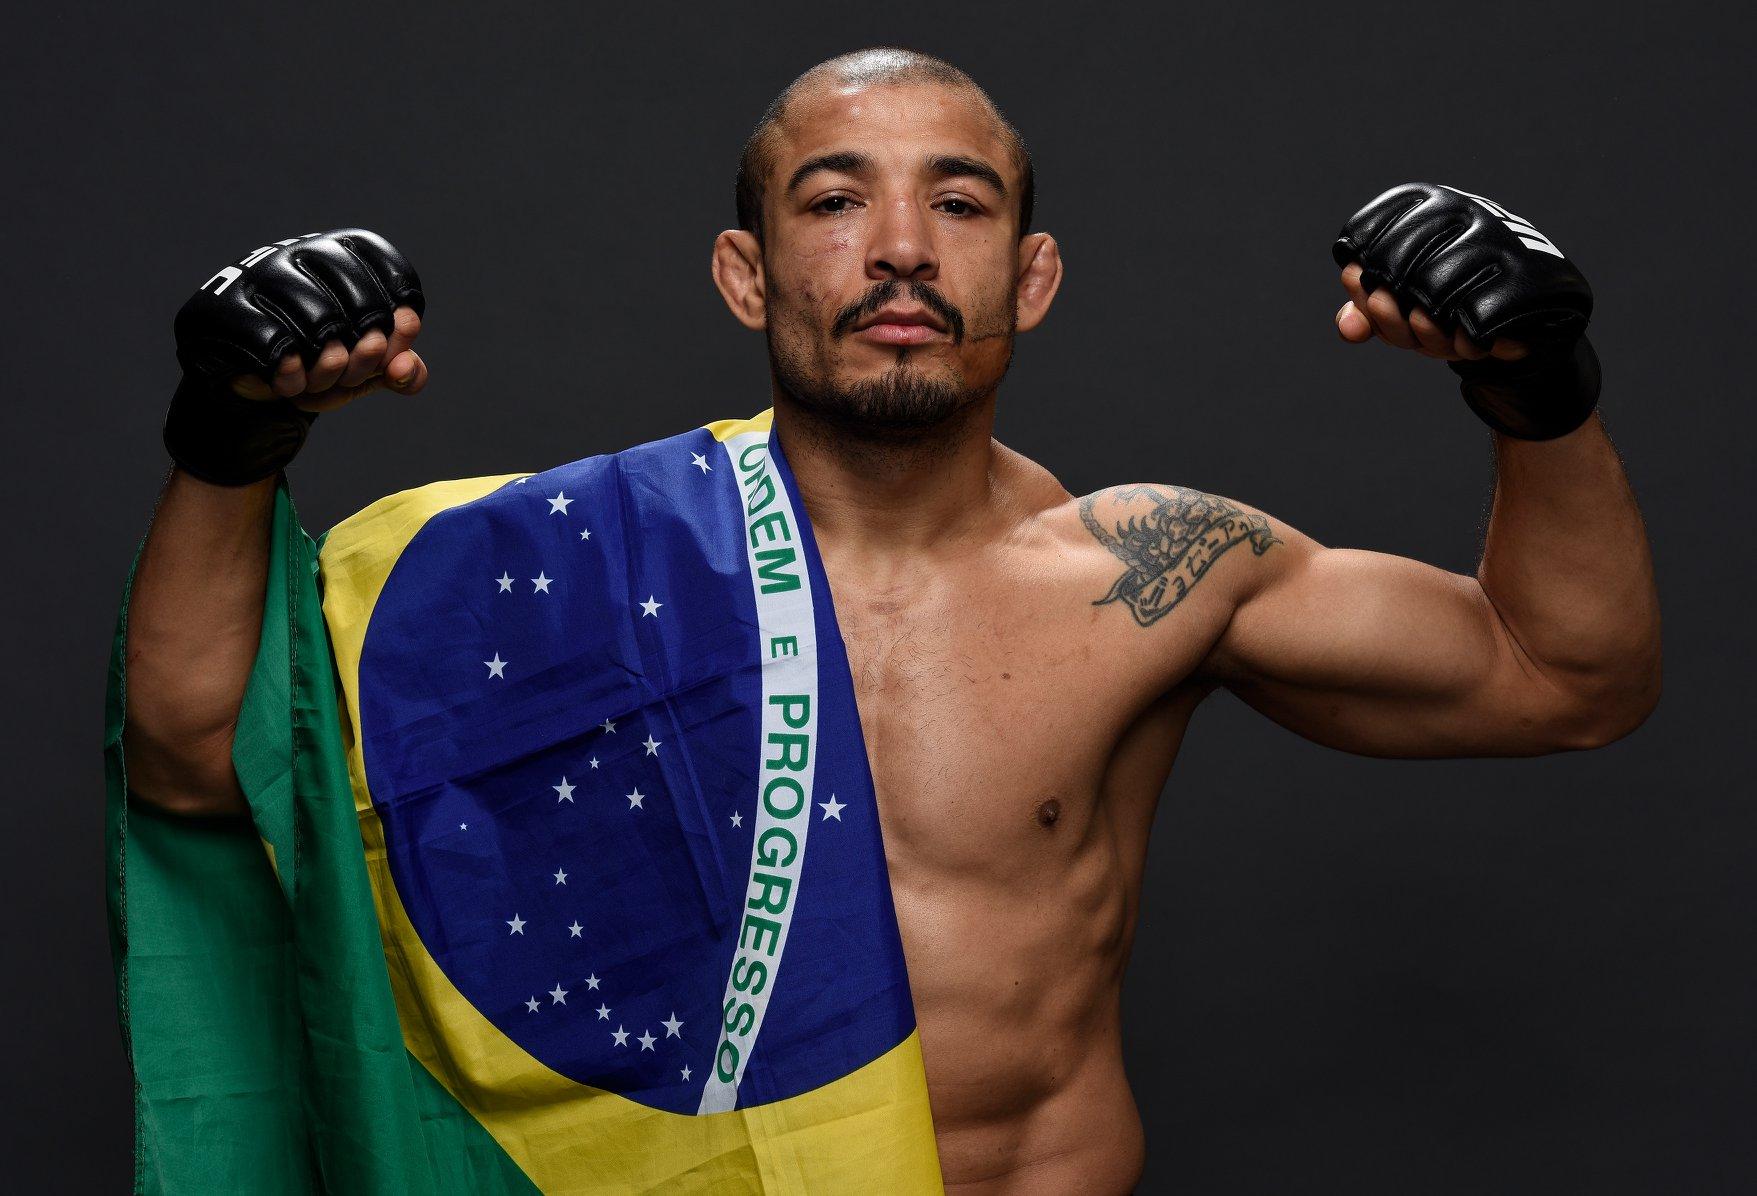 J. Aldo (foto) anuncia que deve se aposentar em 2019. Foto: Reprodução/Facebook UFC